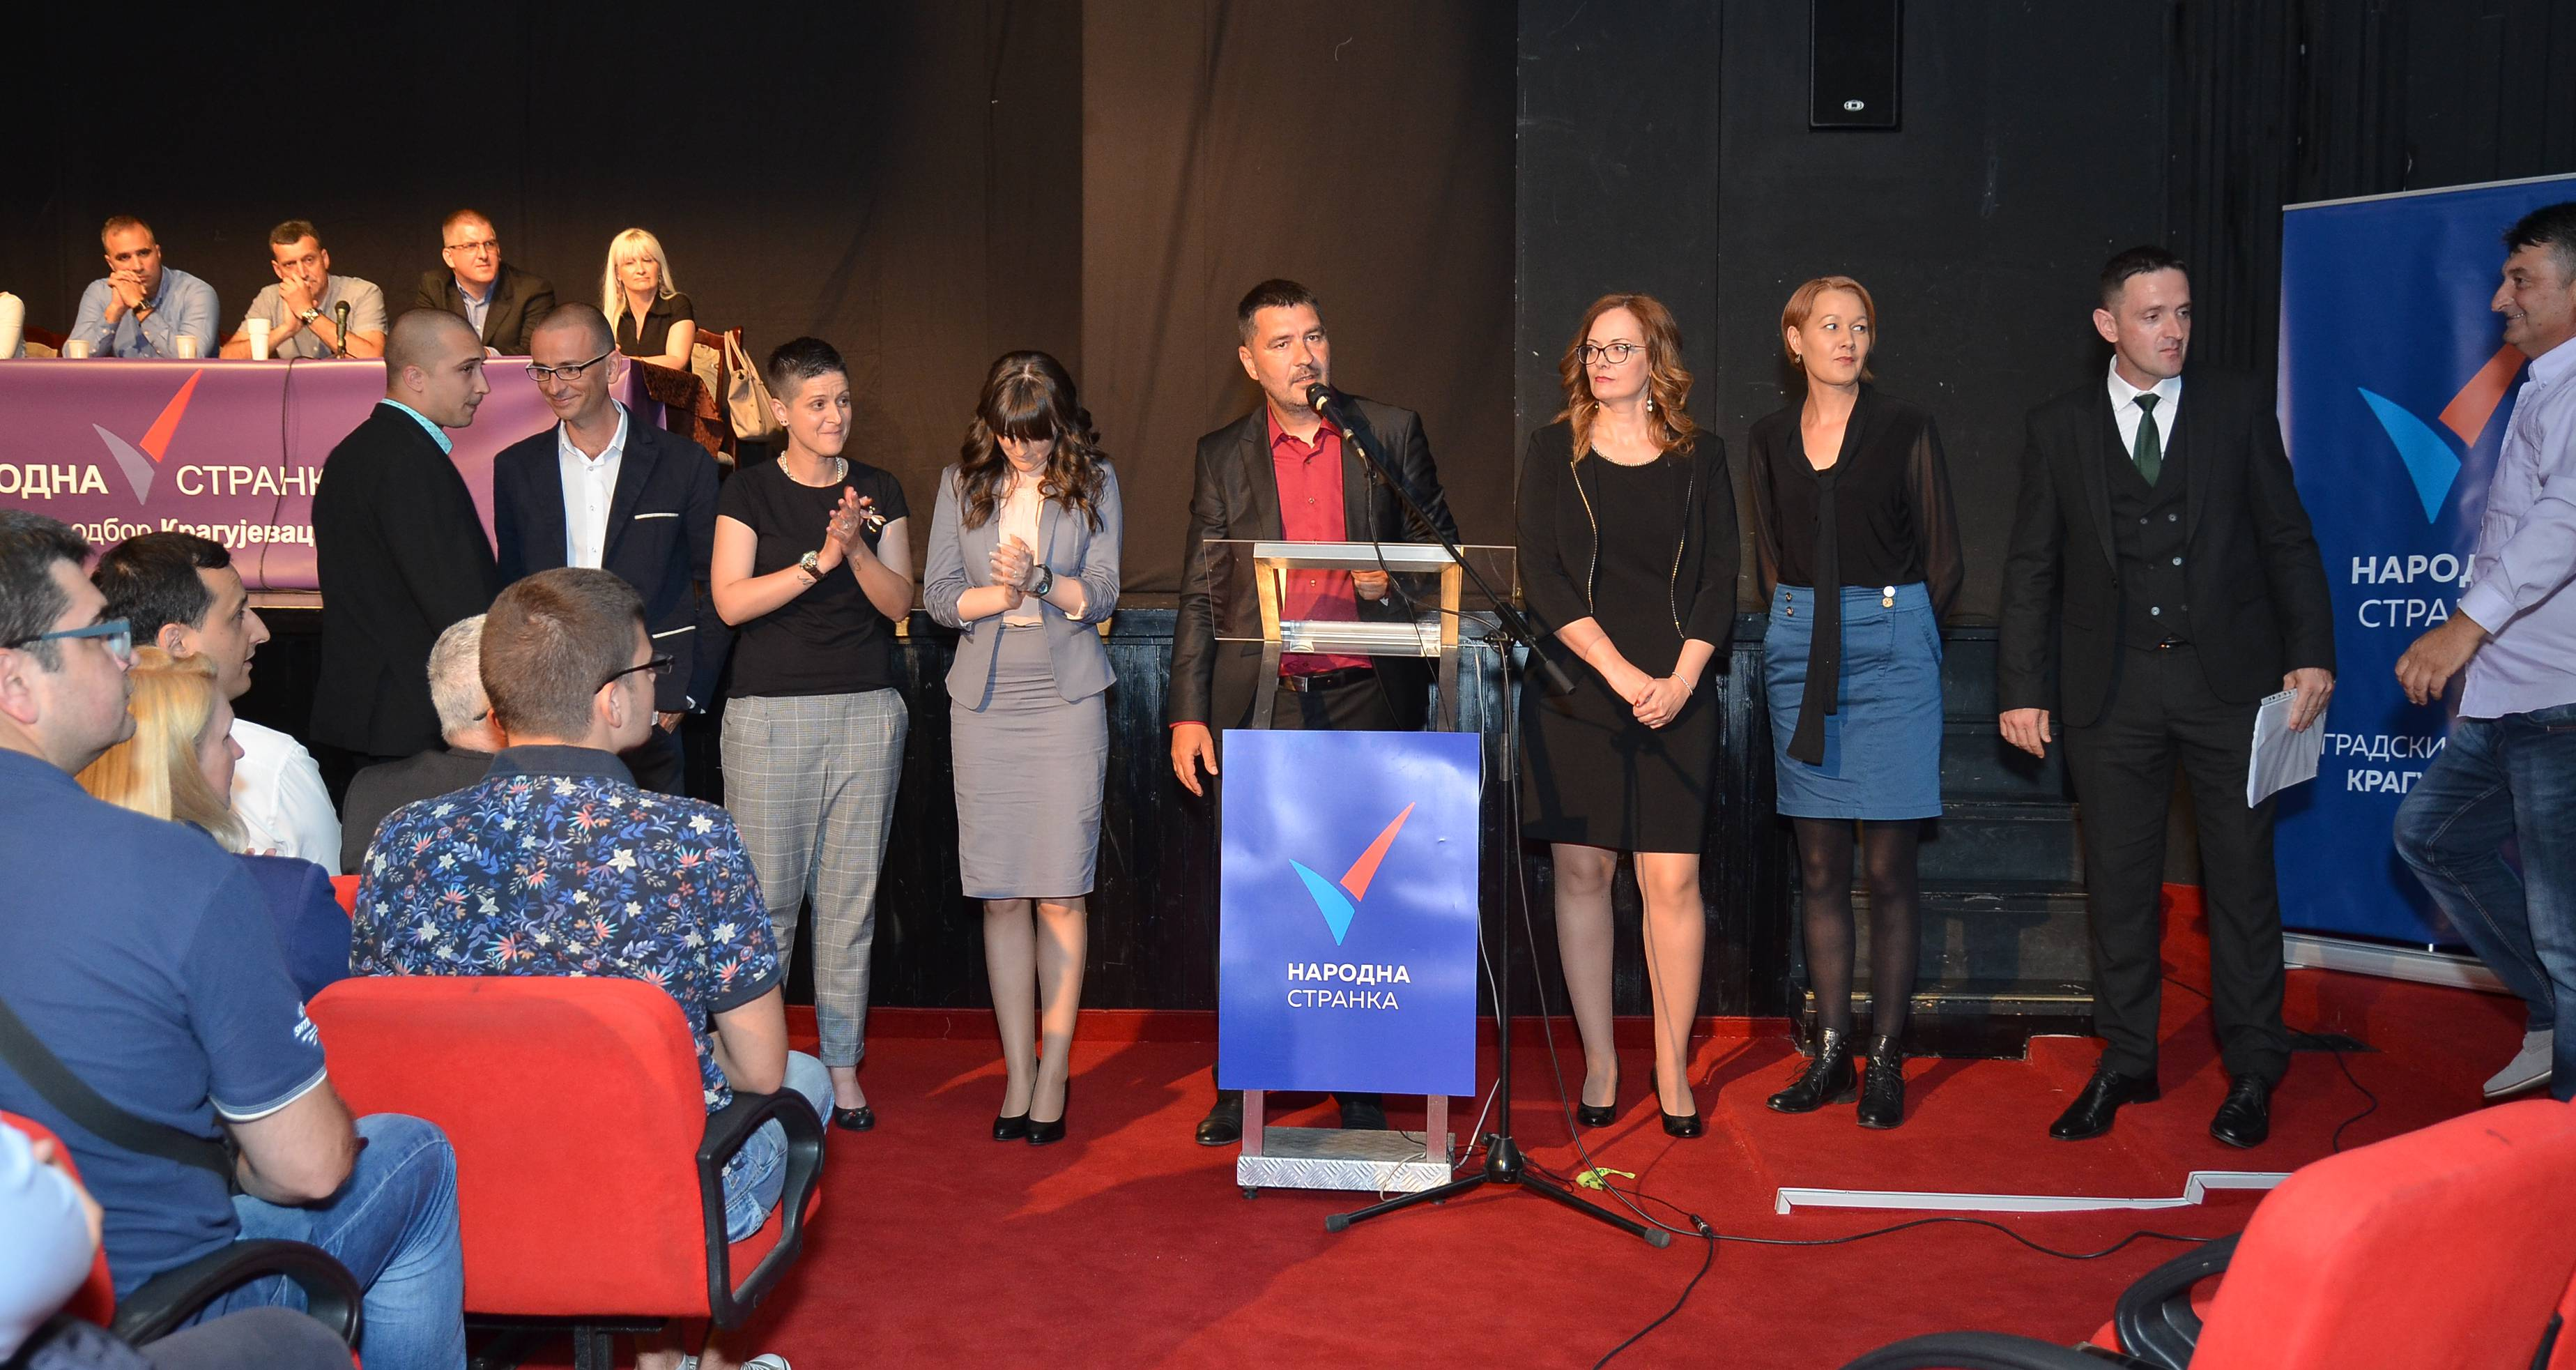 Јеремић на оснивању Градског одбора у Крагујевцу: Народна странка је партија часних, стручних  и храбрих људи